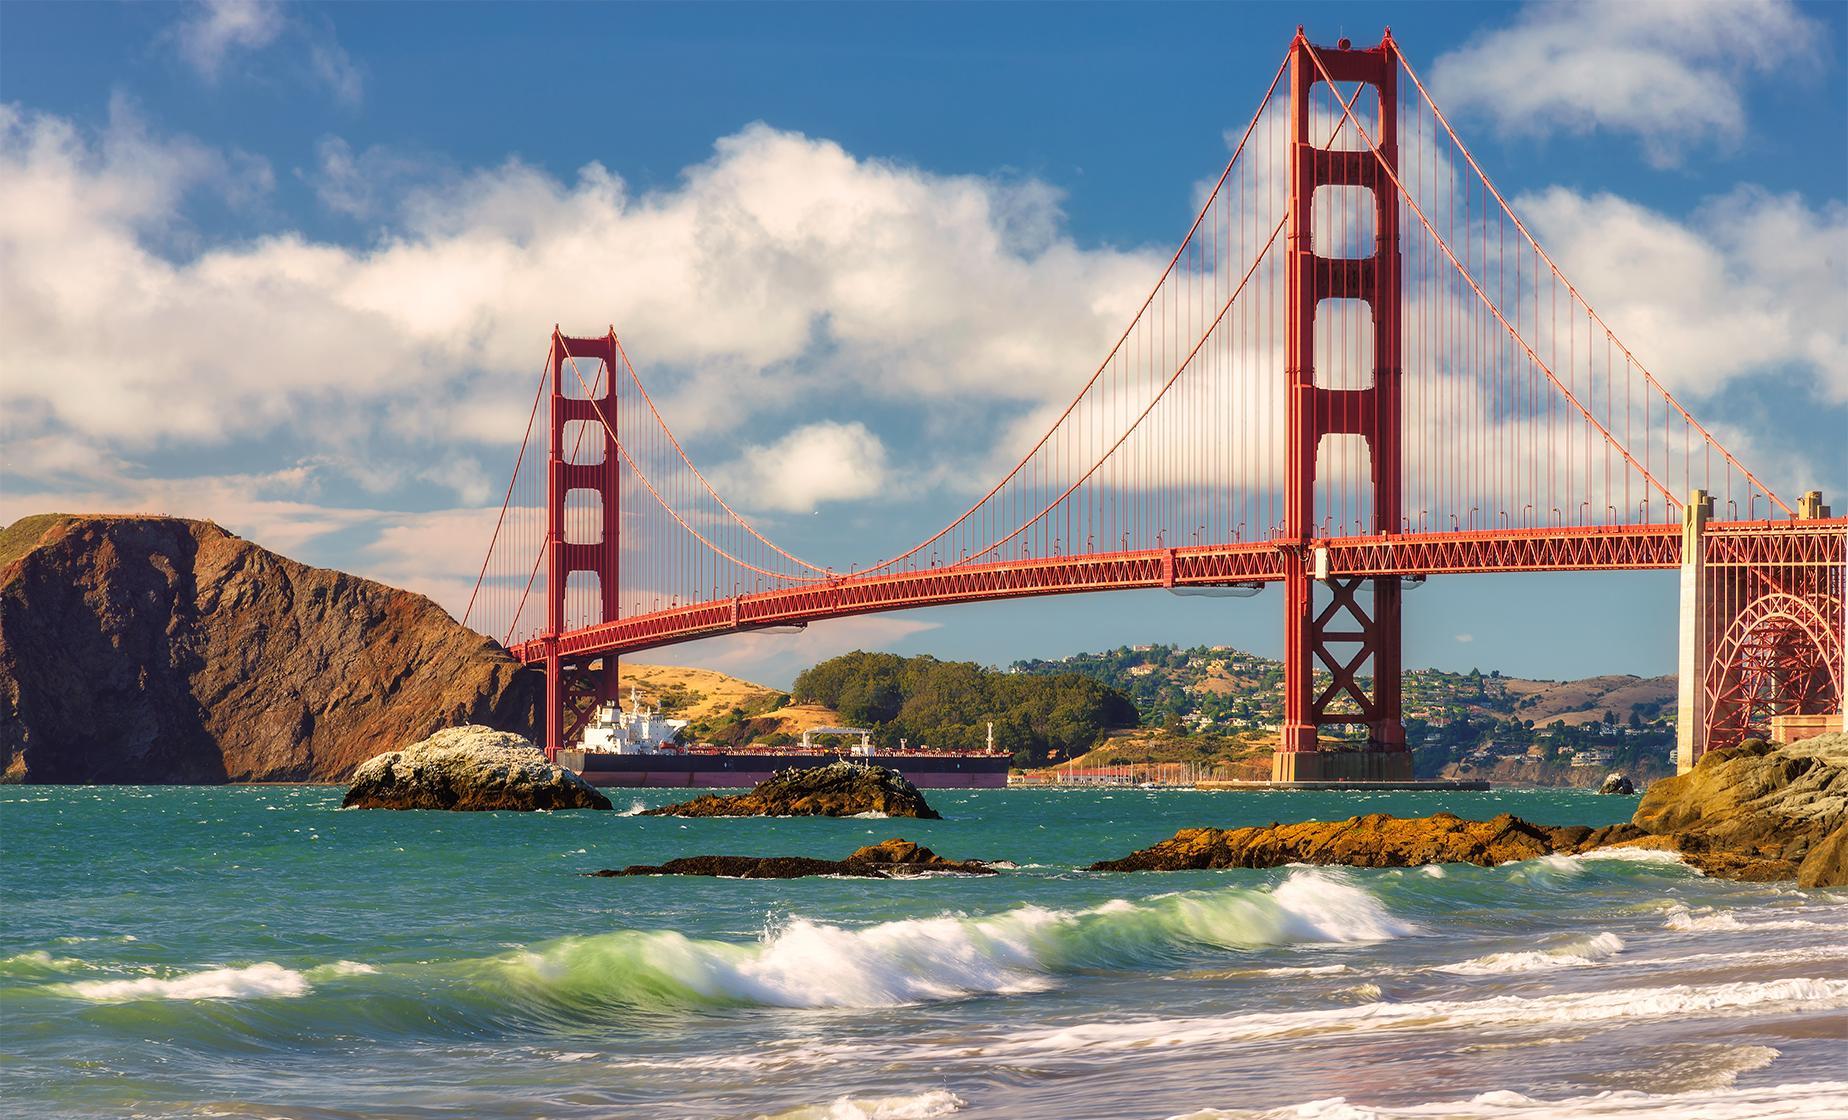 Private Bridge and the Beach